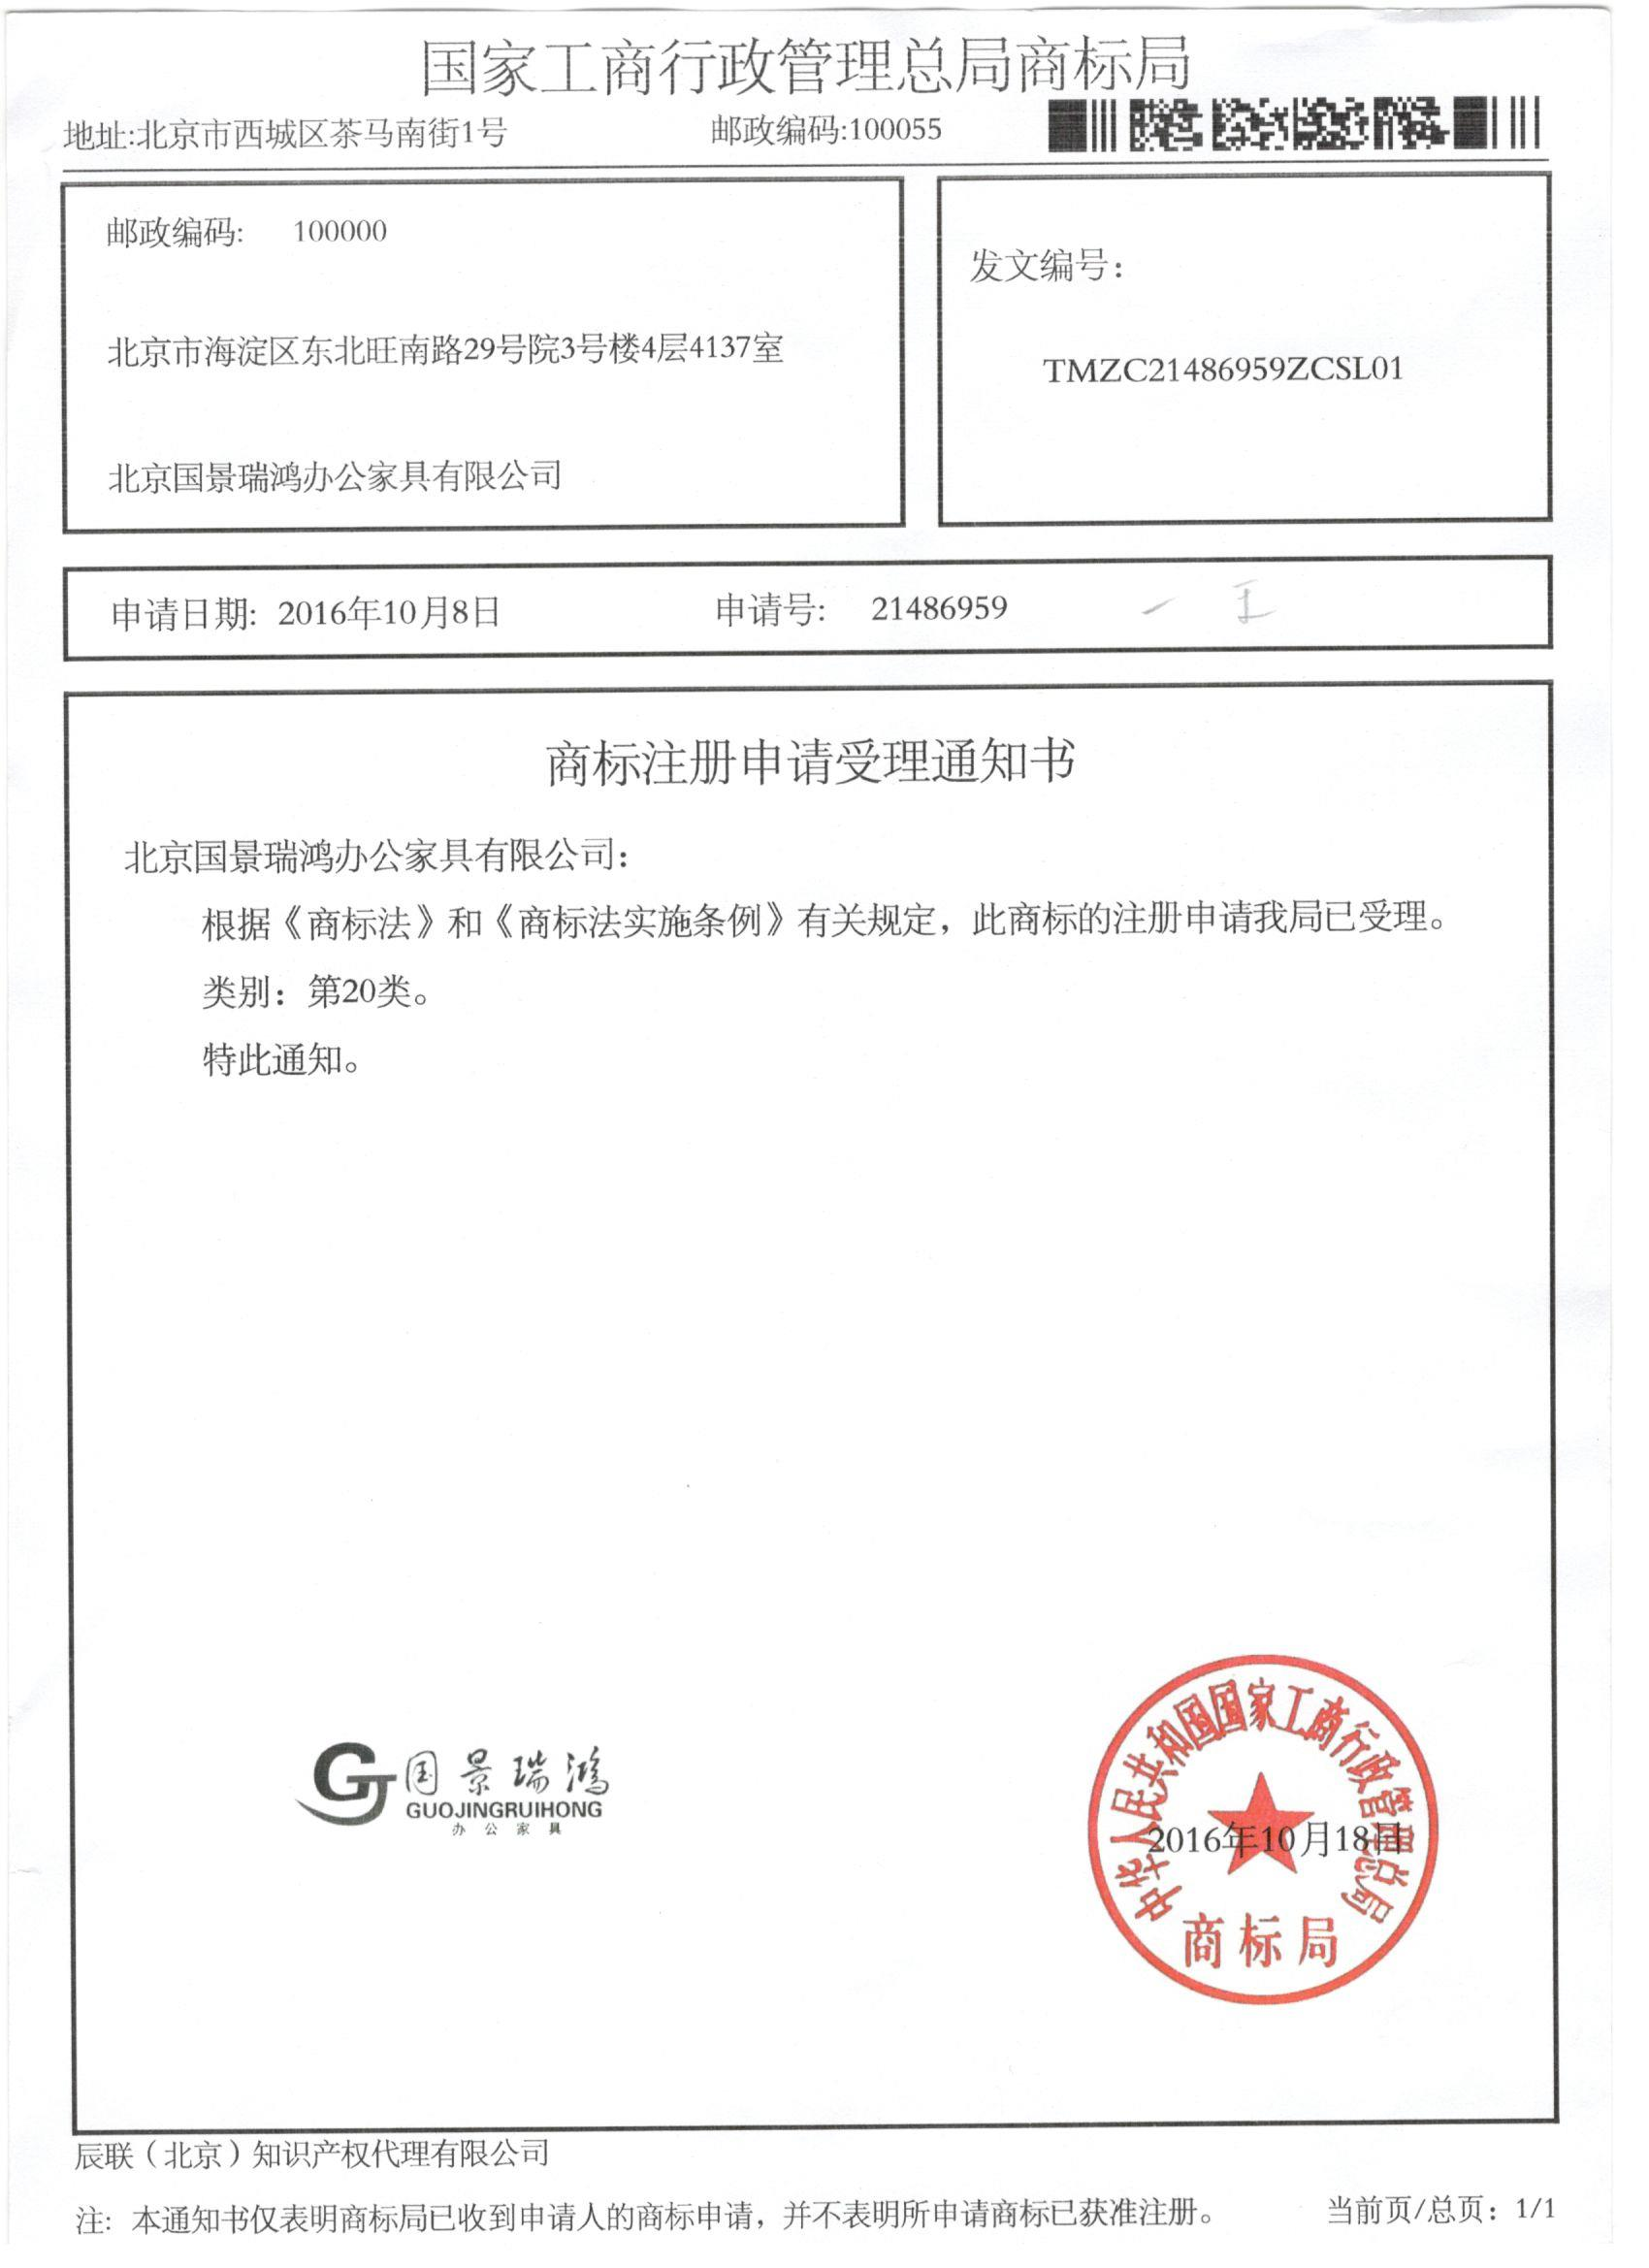 公司商标认证